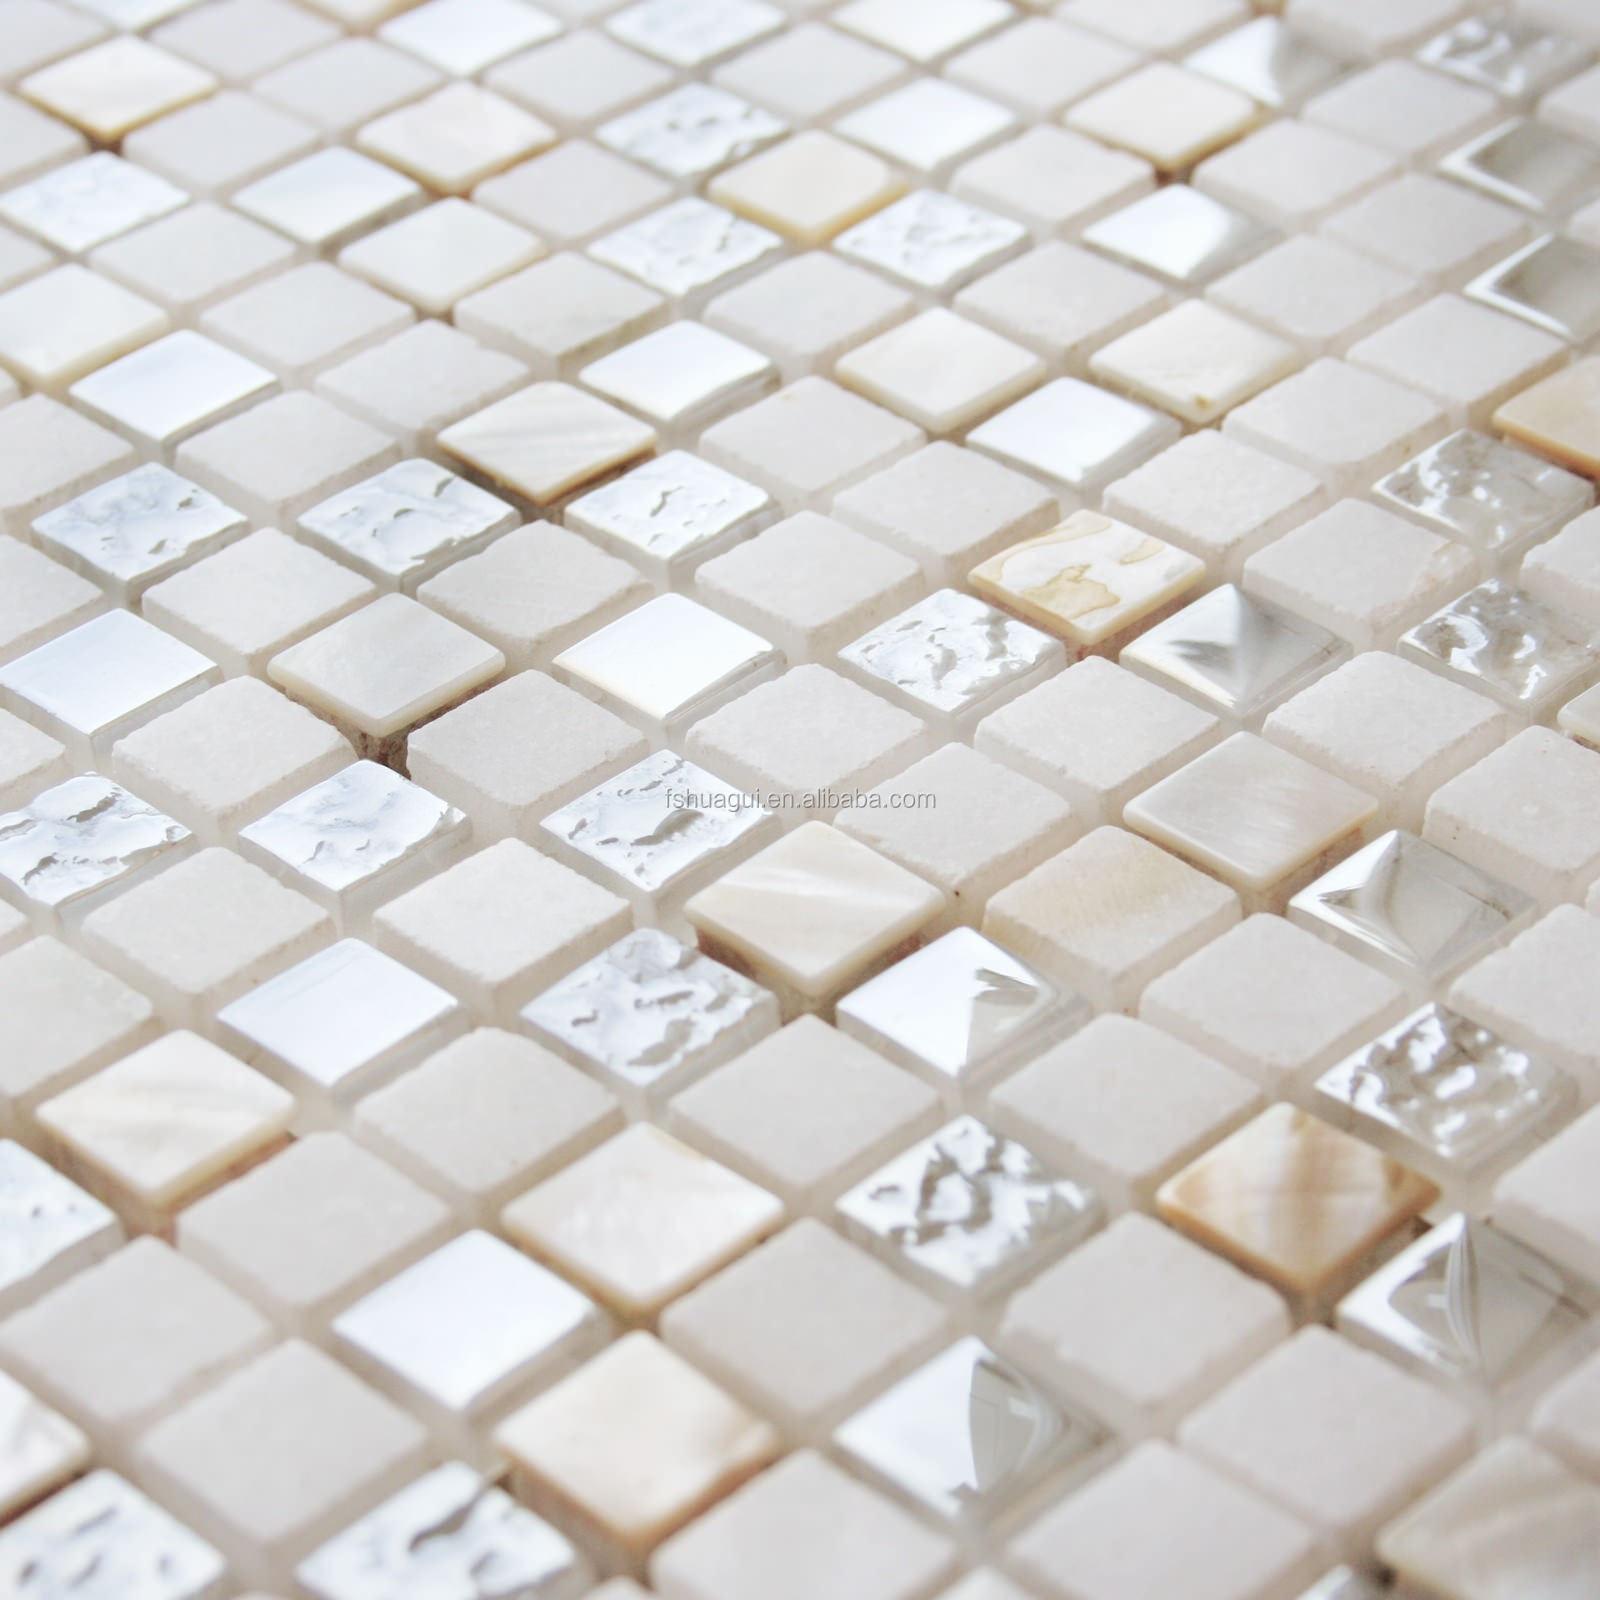 beige 15 x 15 8 mm enveloppe de marbre carreaux de. Black Bedroom Furniture Sets. Home Design Ideas